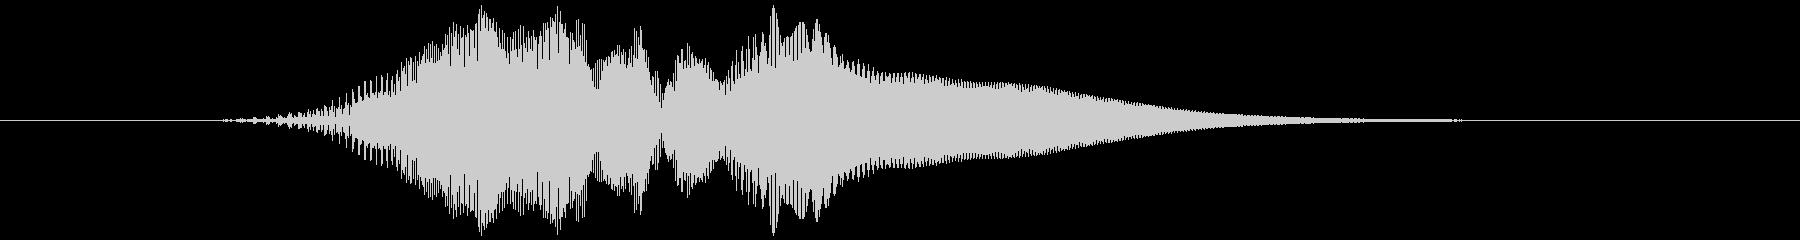 選択音、決定音など (テッ)高い音の未再生の波形